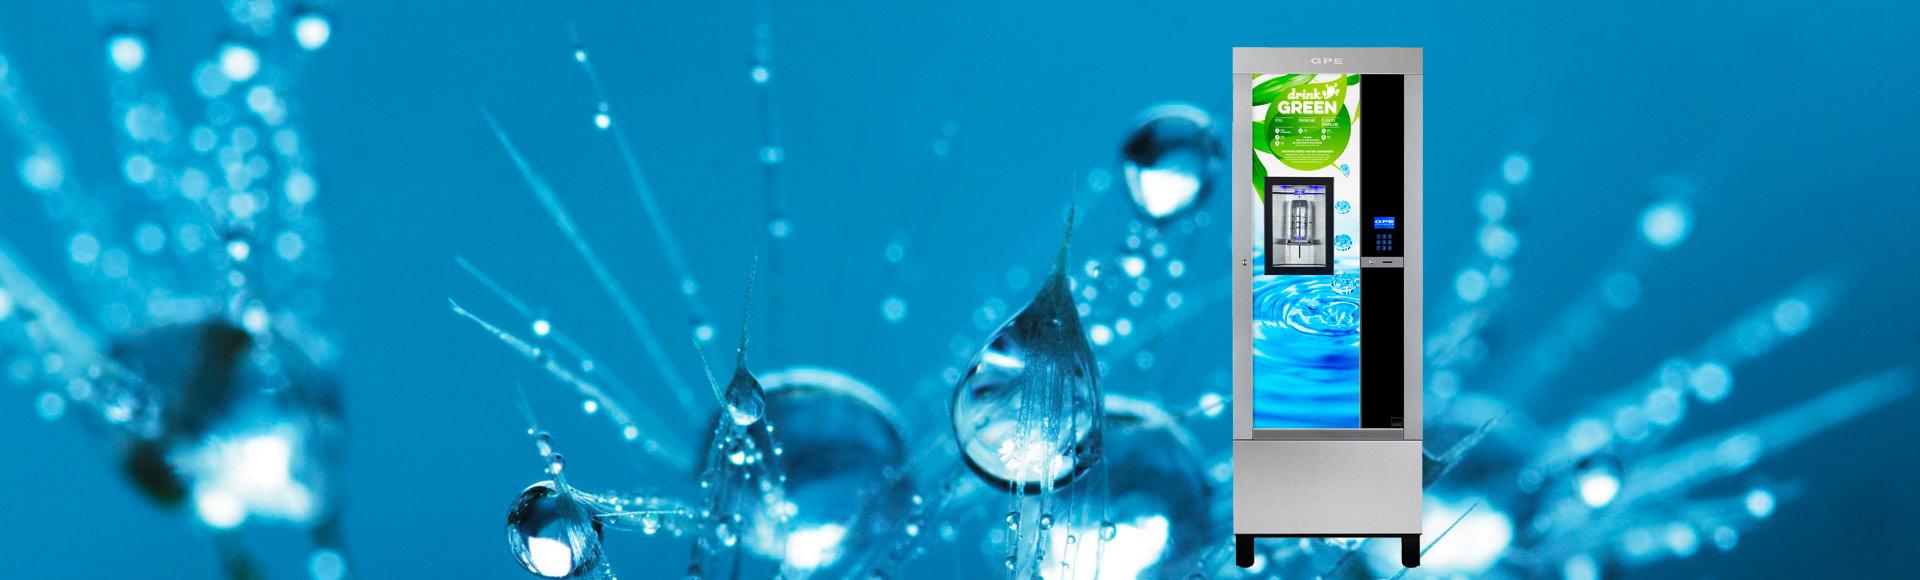 Distributori automatici per acqua